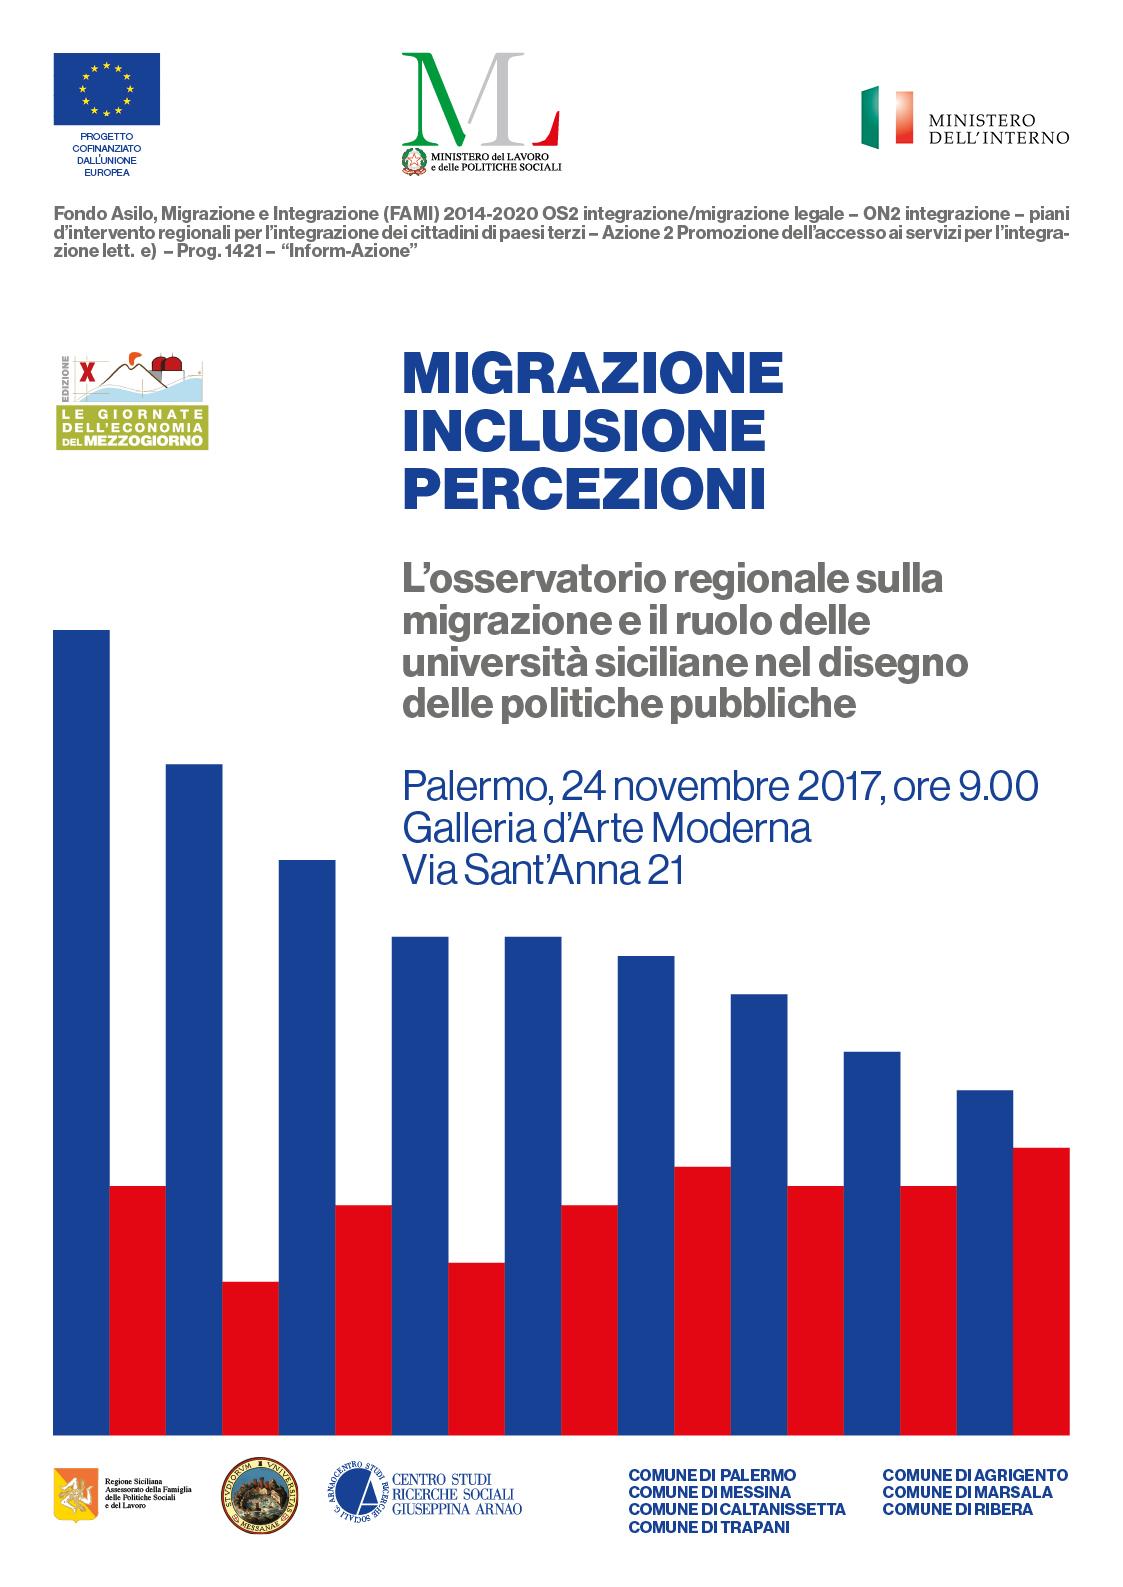 Migrazione Inclusione Percezioni